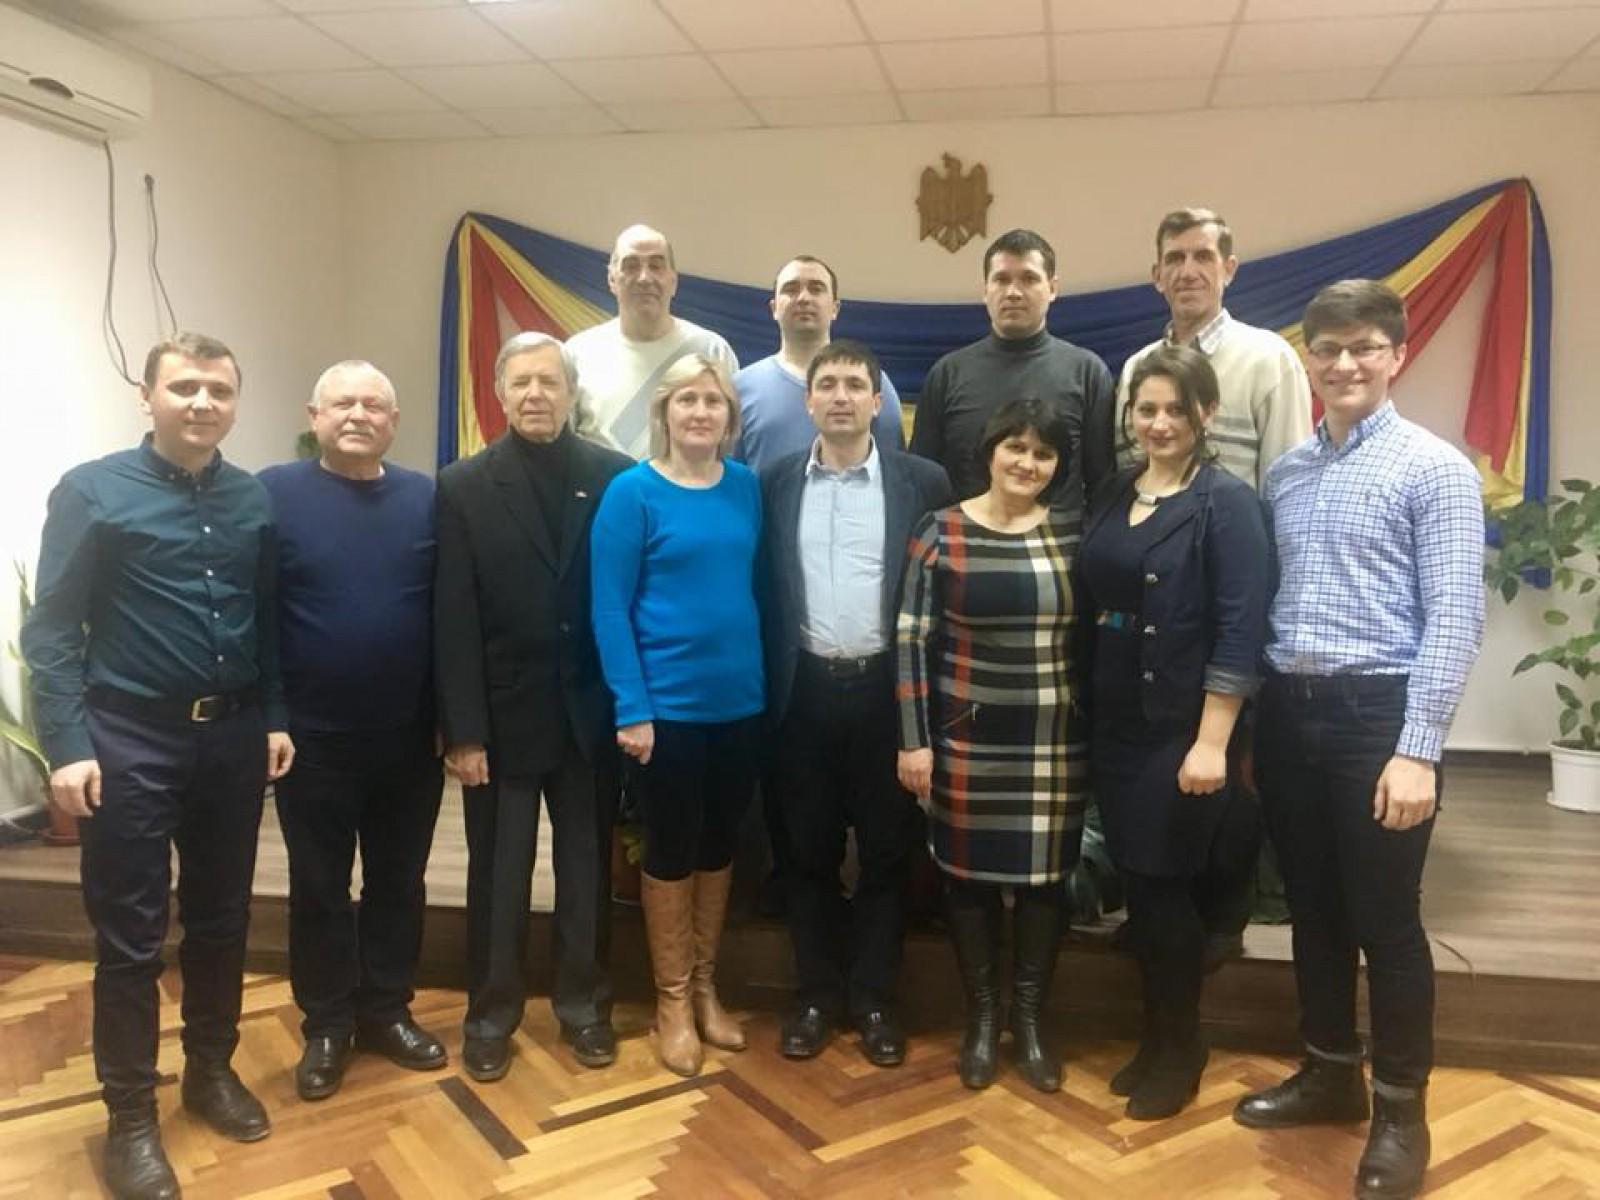 (update) A 22-a localitate din Republica Moldova a votat simbolic Unirea. După Băcioi, semnează și Meleșeni